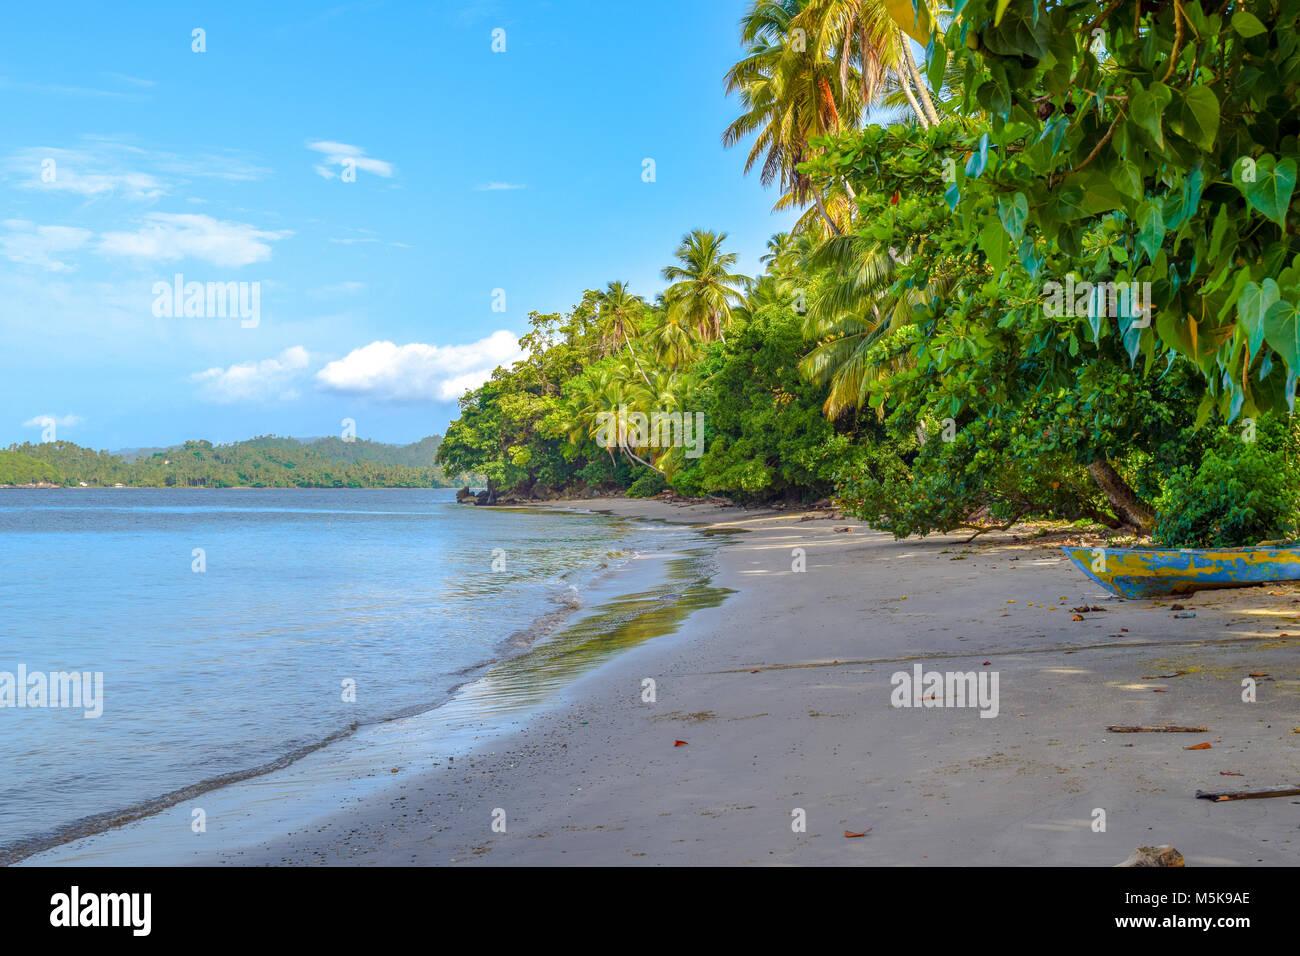 Palmeras y un viejo barco, playa de arena, mar Caribe, República Dominicana Imagen De Stock